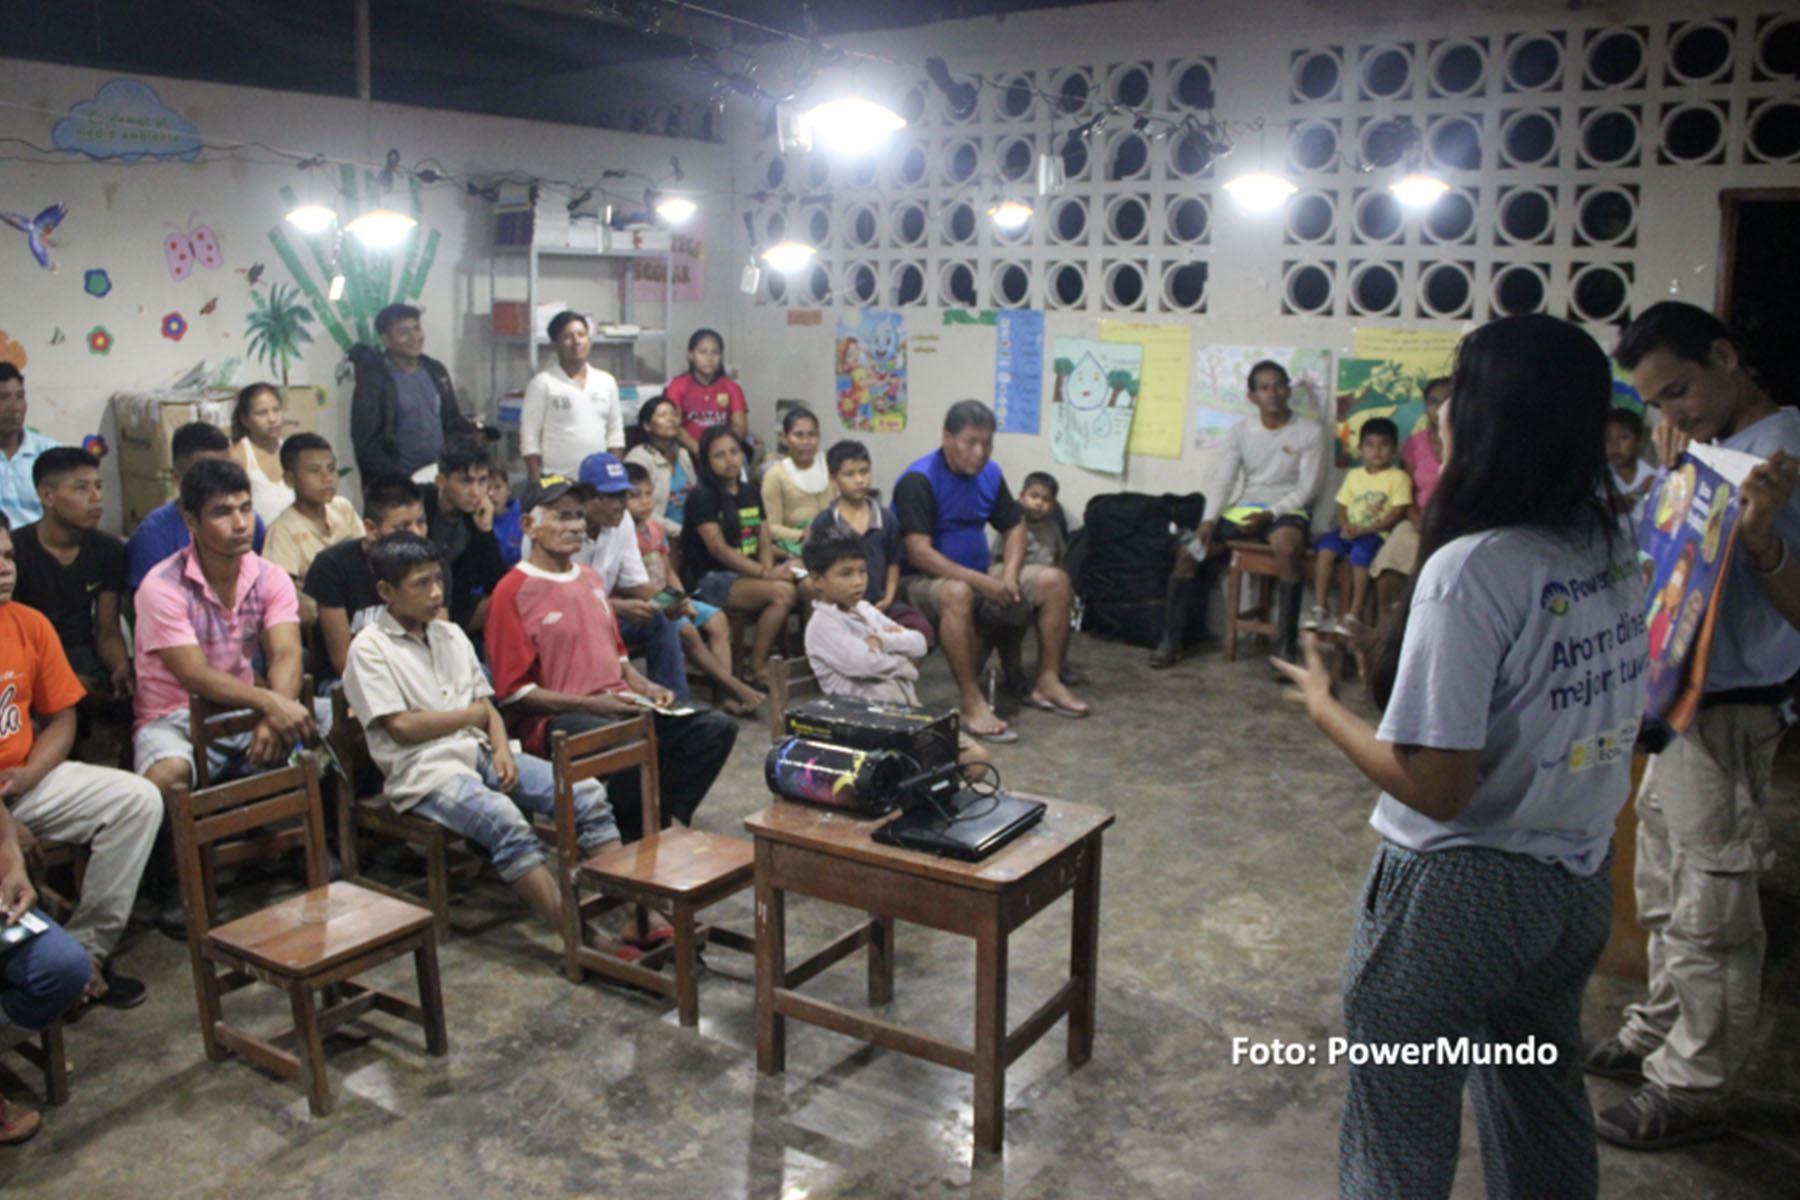 """Se planea expandir el proyecto de """"Comunidades Iluminadas"""" hacia las escuelas en setiembre de 2021 para que los niños que se han visto afectados por la pandemia del Covid-19 puedan de alguna manera reactivar sus clases y llevarlas a cabo a través de una radio (Foto: Power Mundo)"""